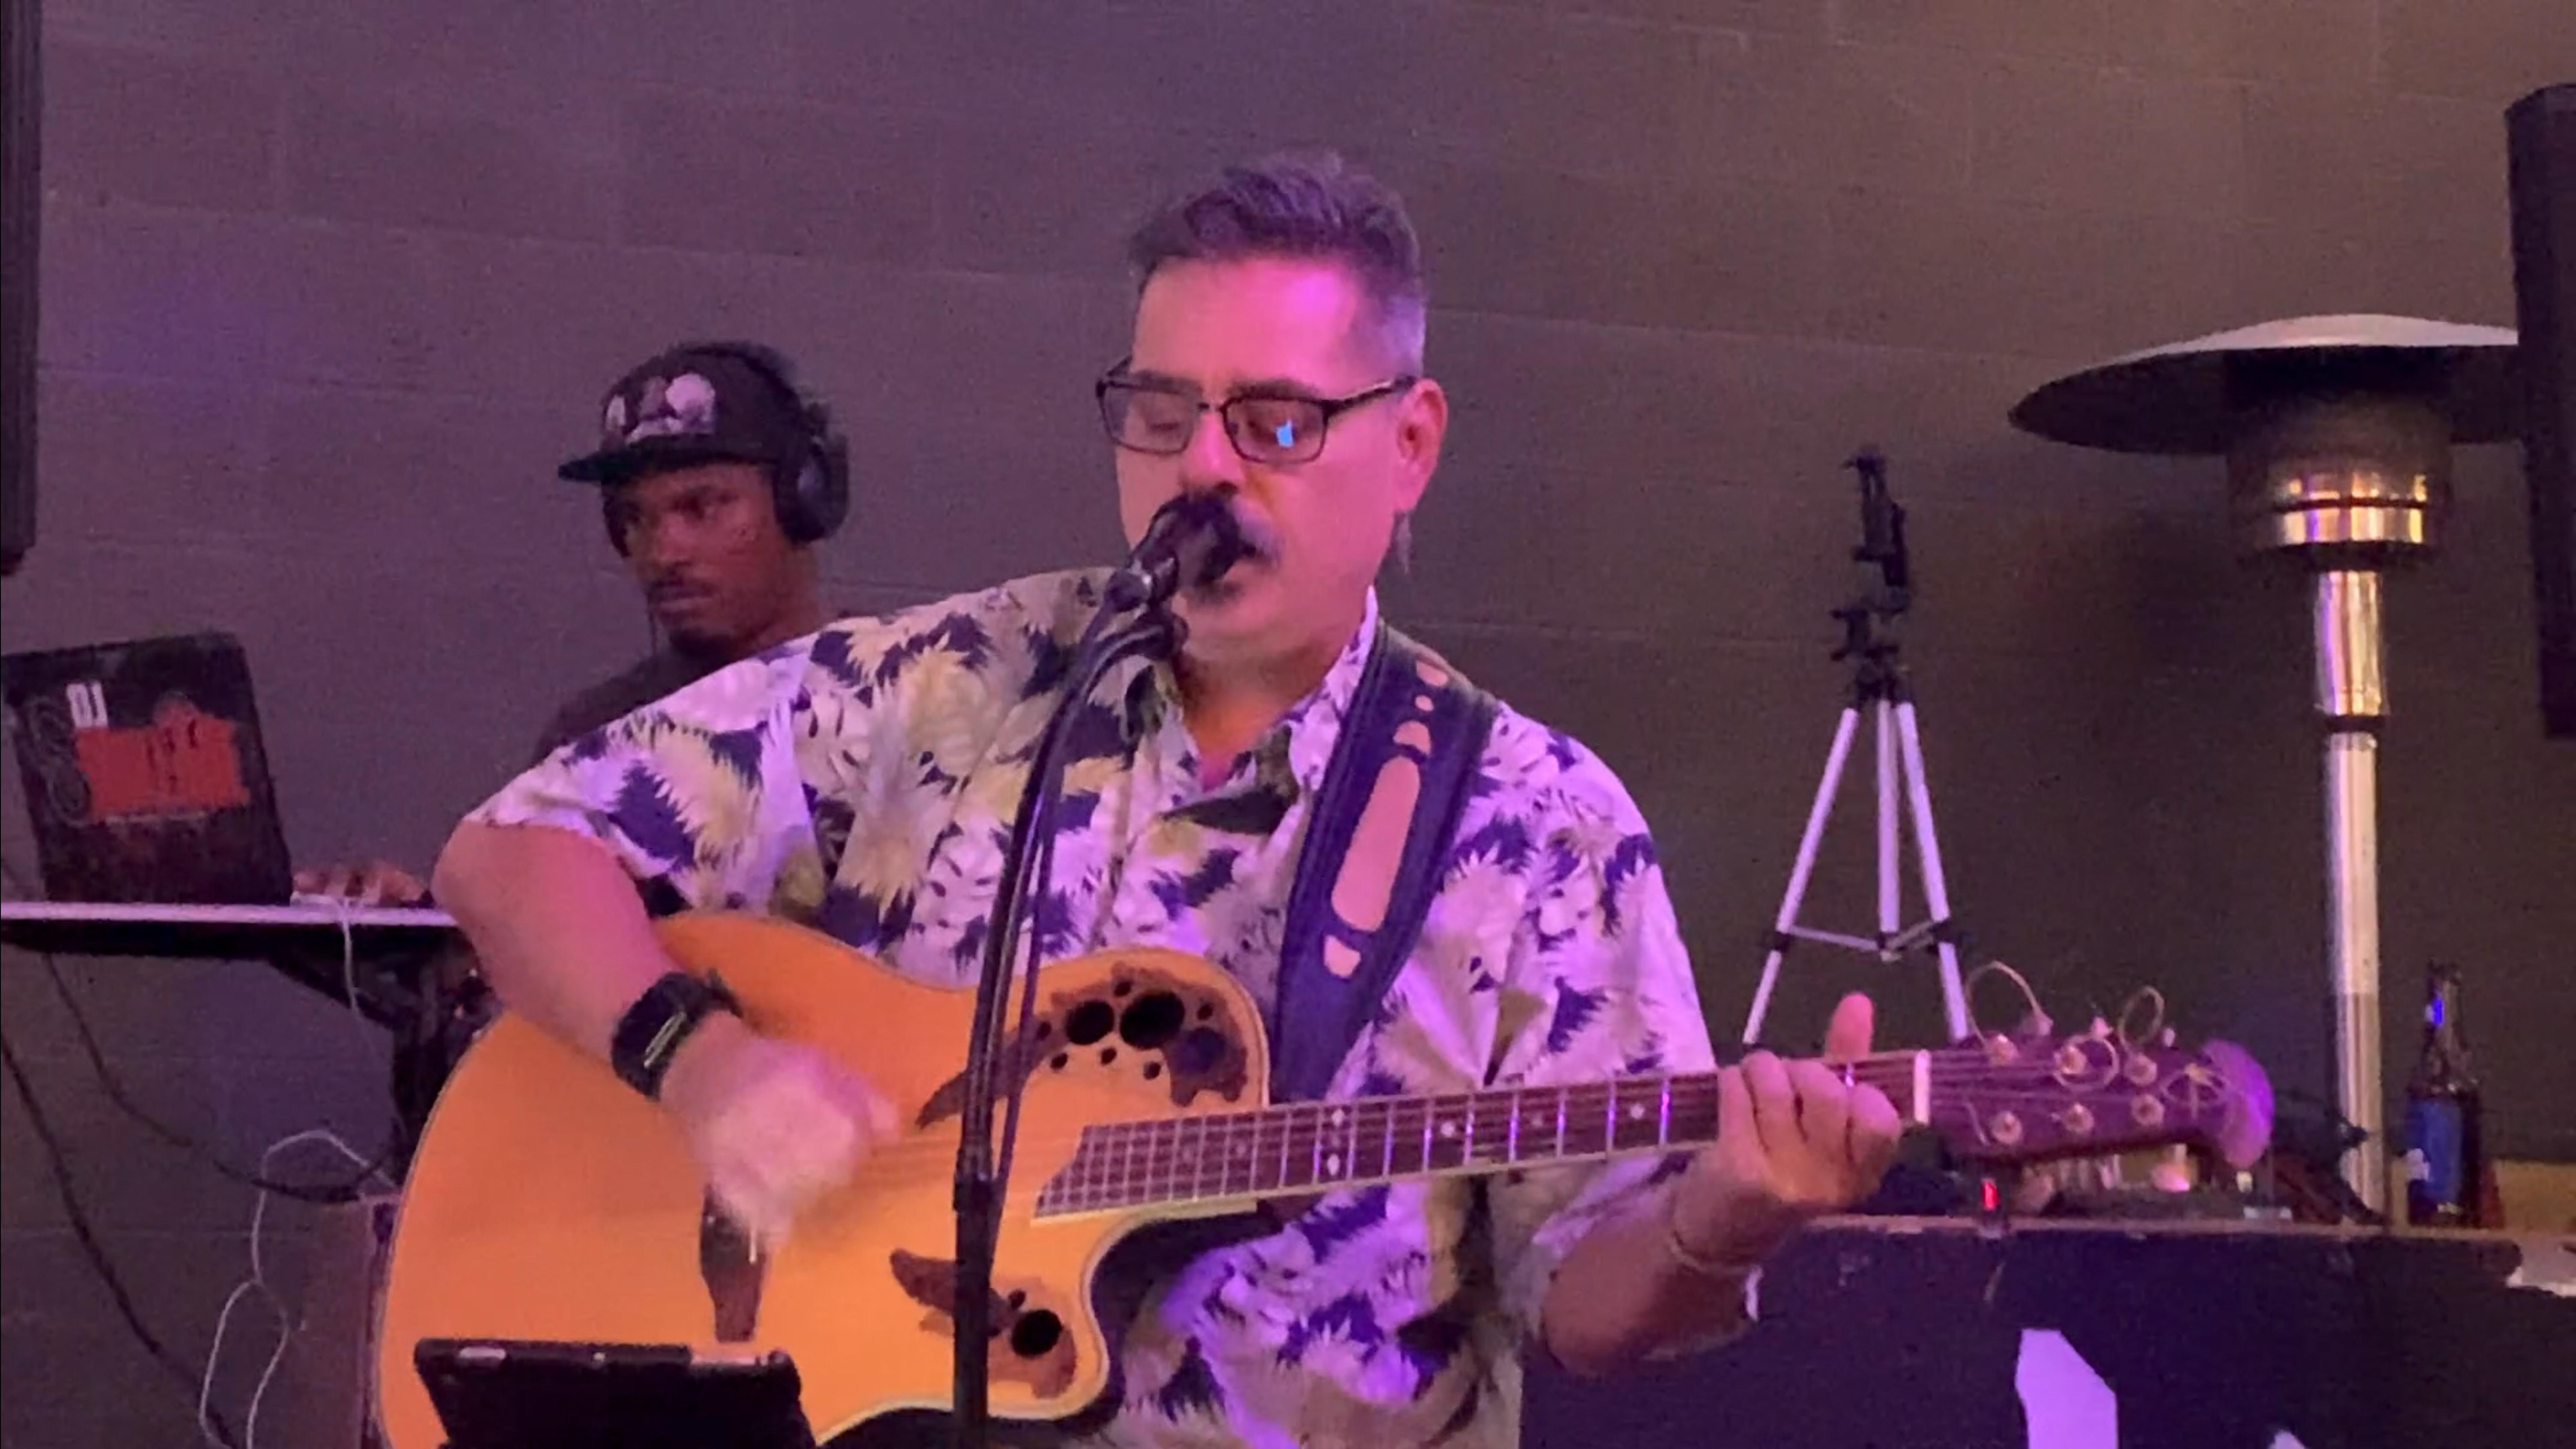 2019-07-08 joe bustillos at ninja karaoke open mic